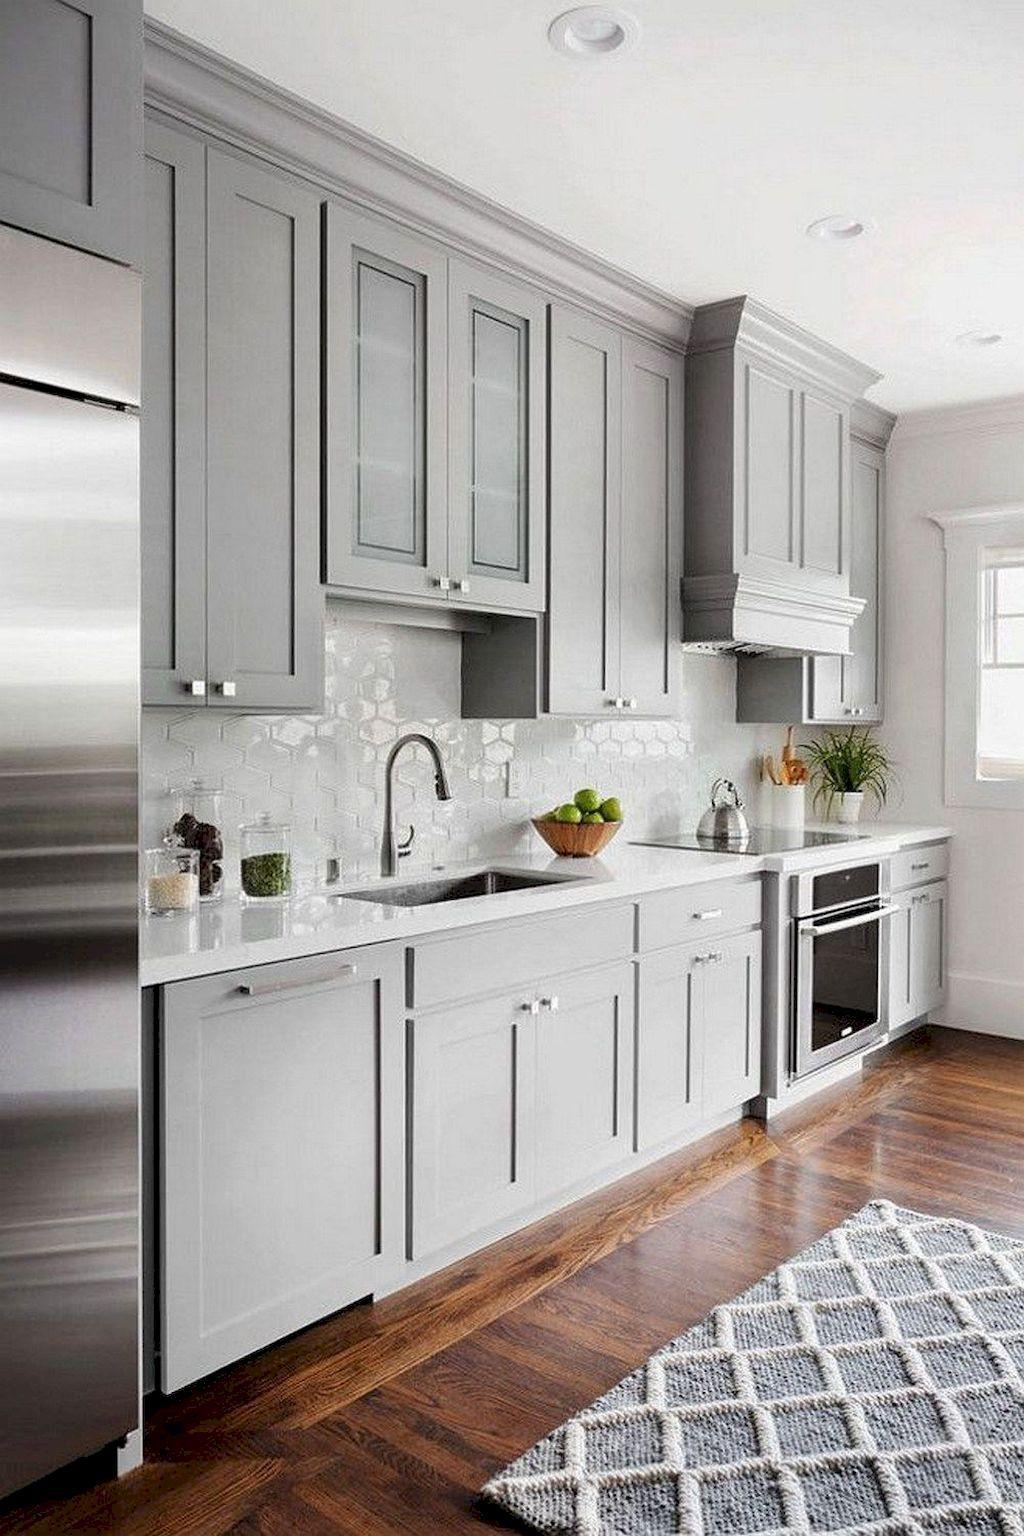 110 Awesome Gray Kitchen Cabinet Design Ideas   Küchenschränke und Küche